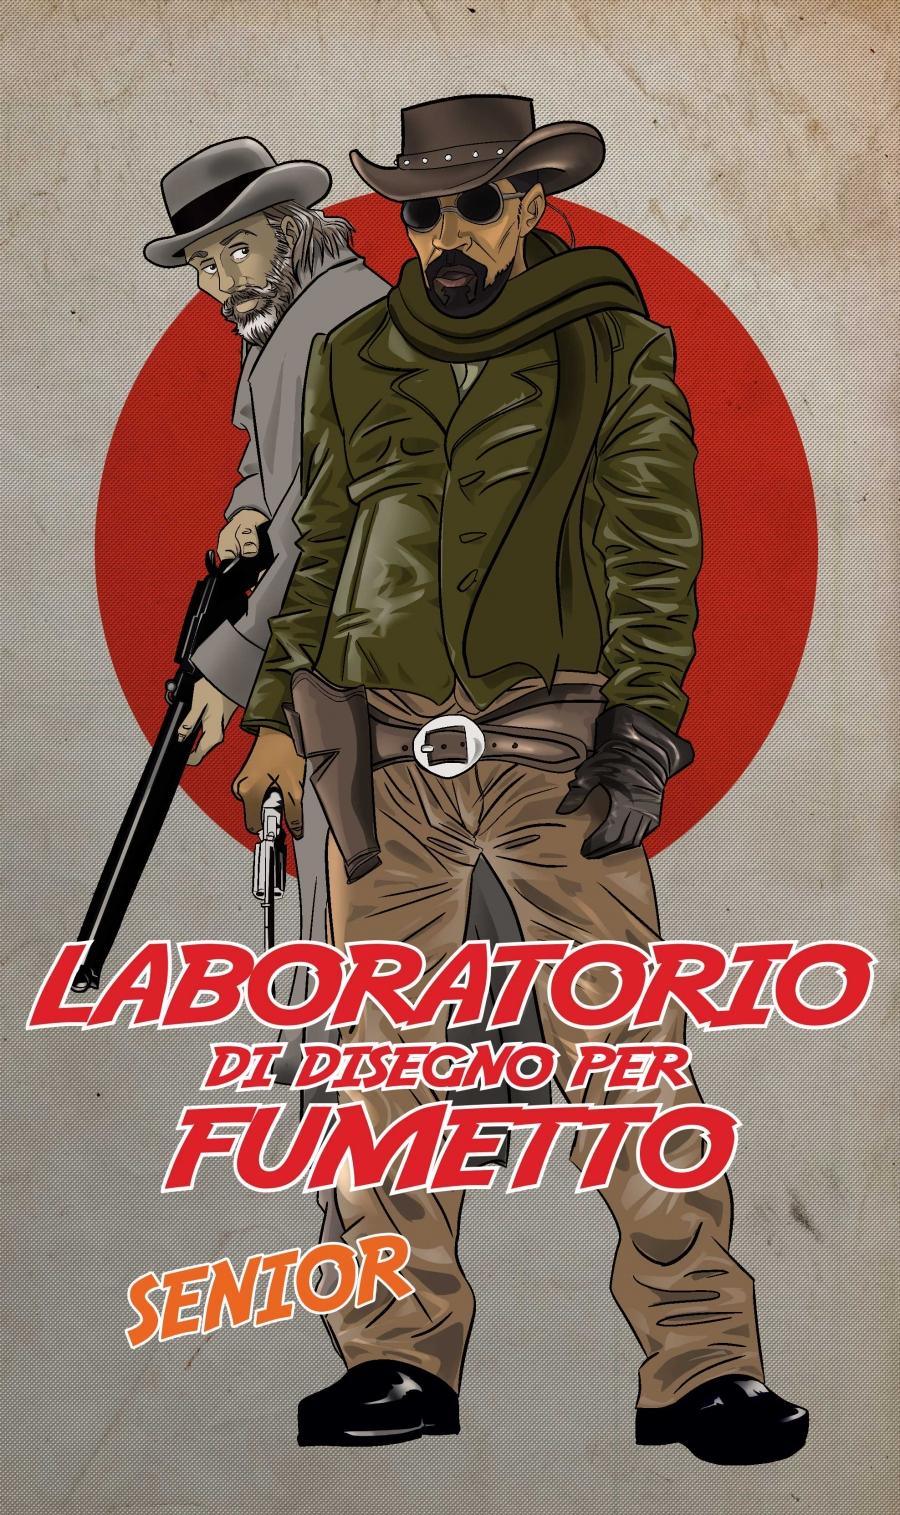 LABORATORIO DI DISEGNO PER FUMETTO - Senior